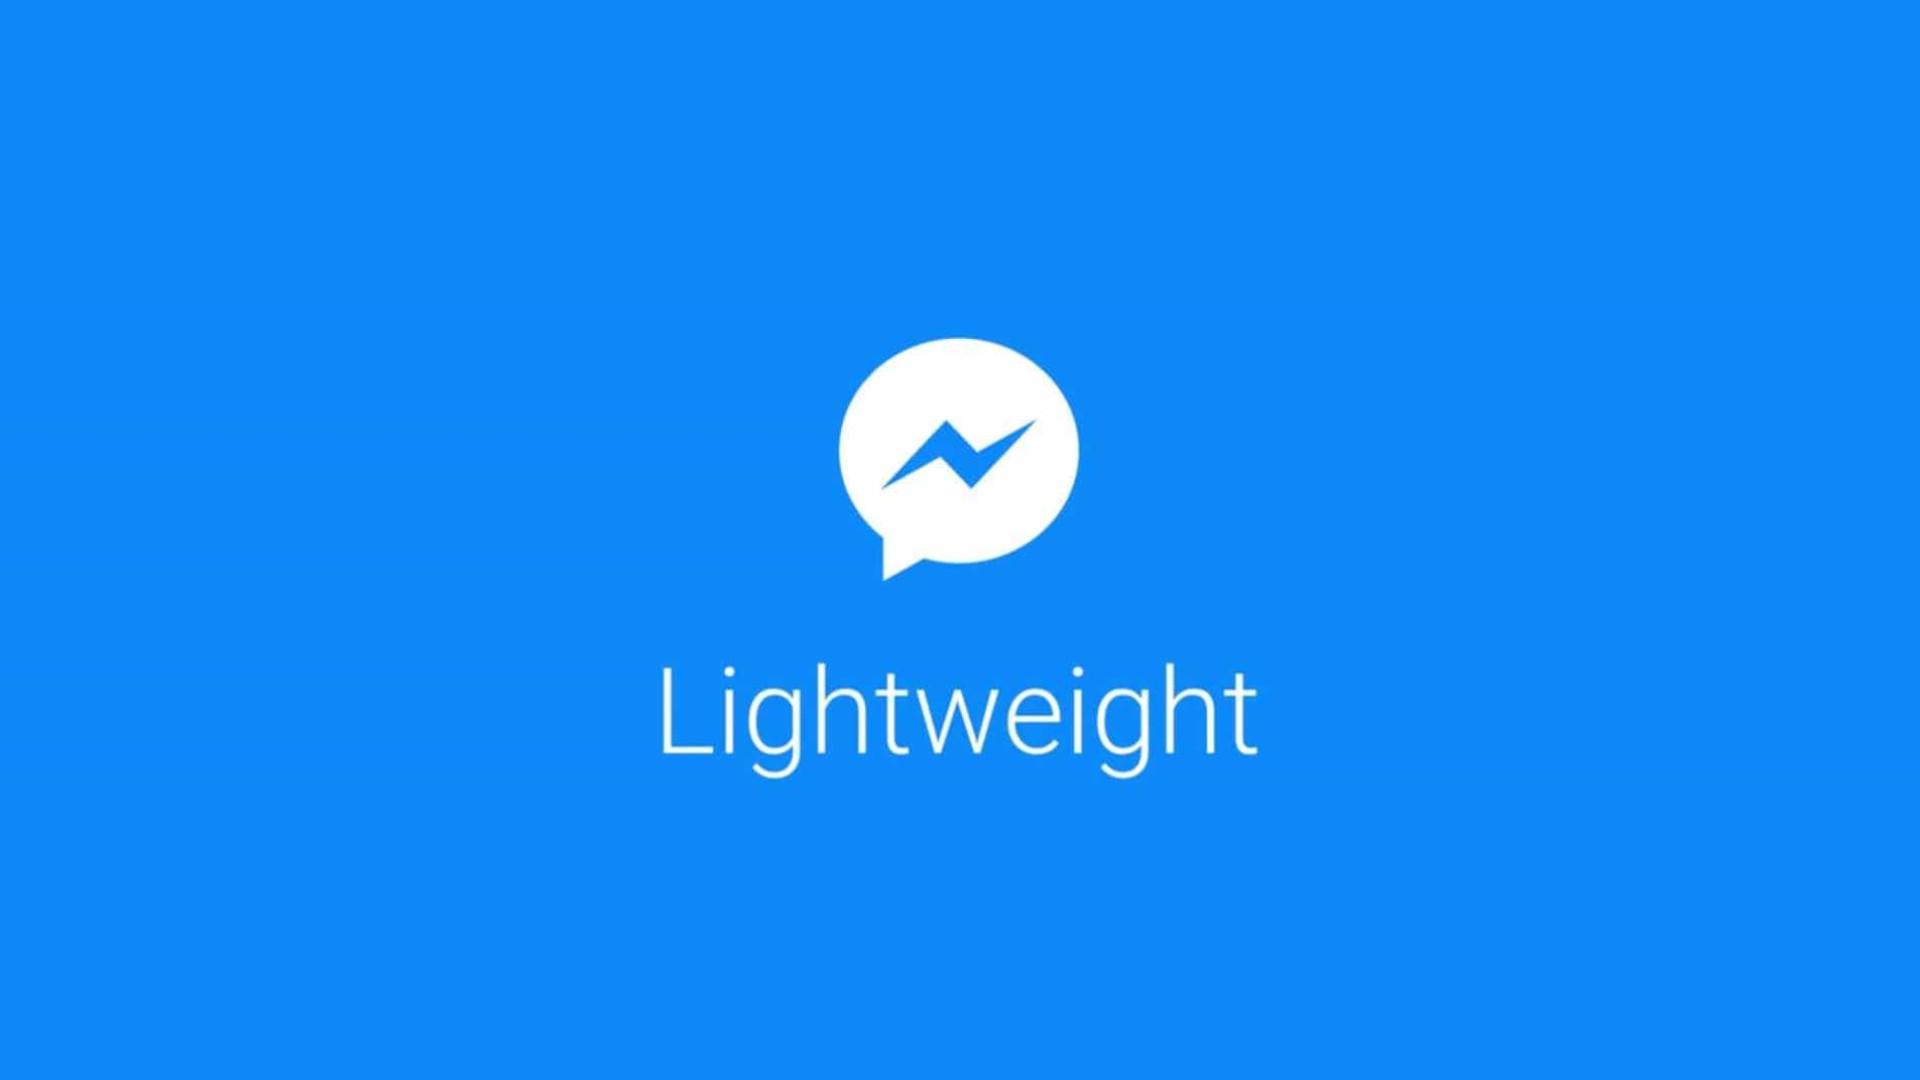 Farto das Stories do Messenger? Esta versão 'light' é a sua solução